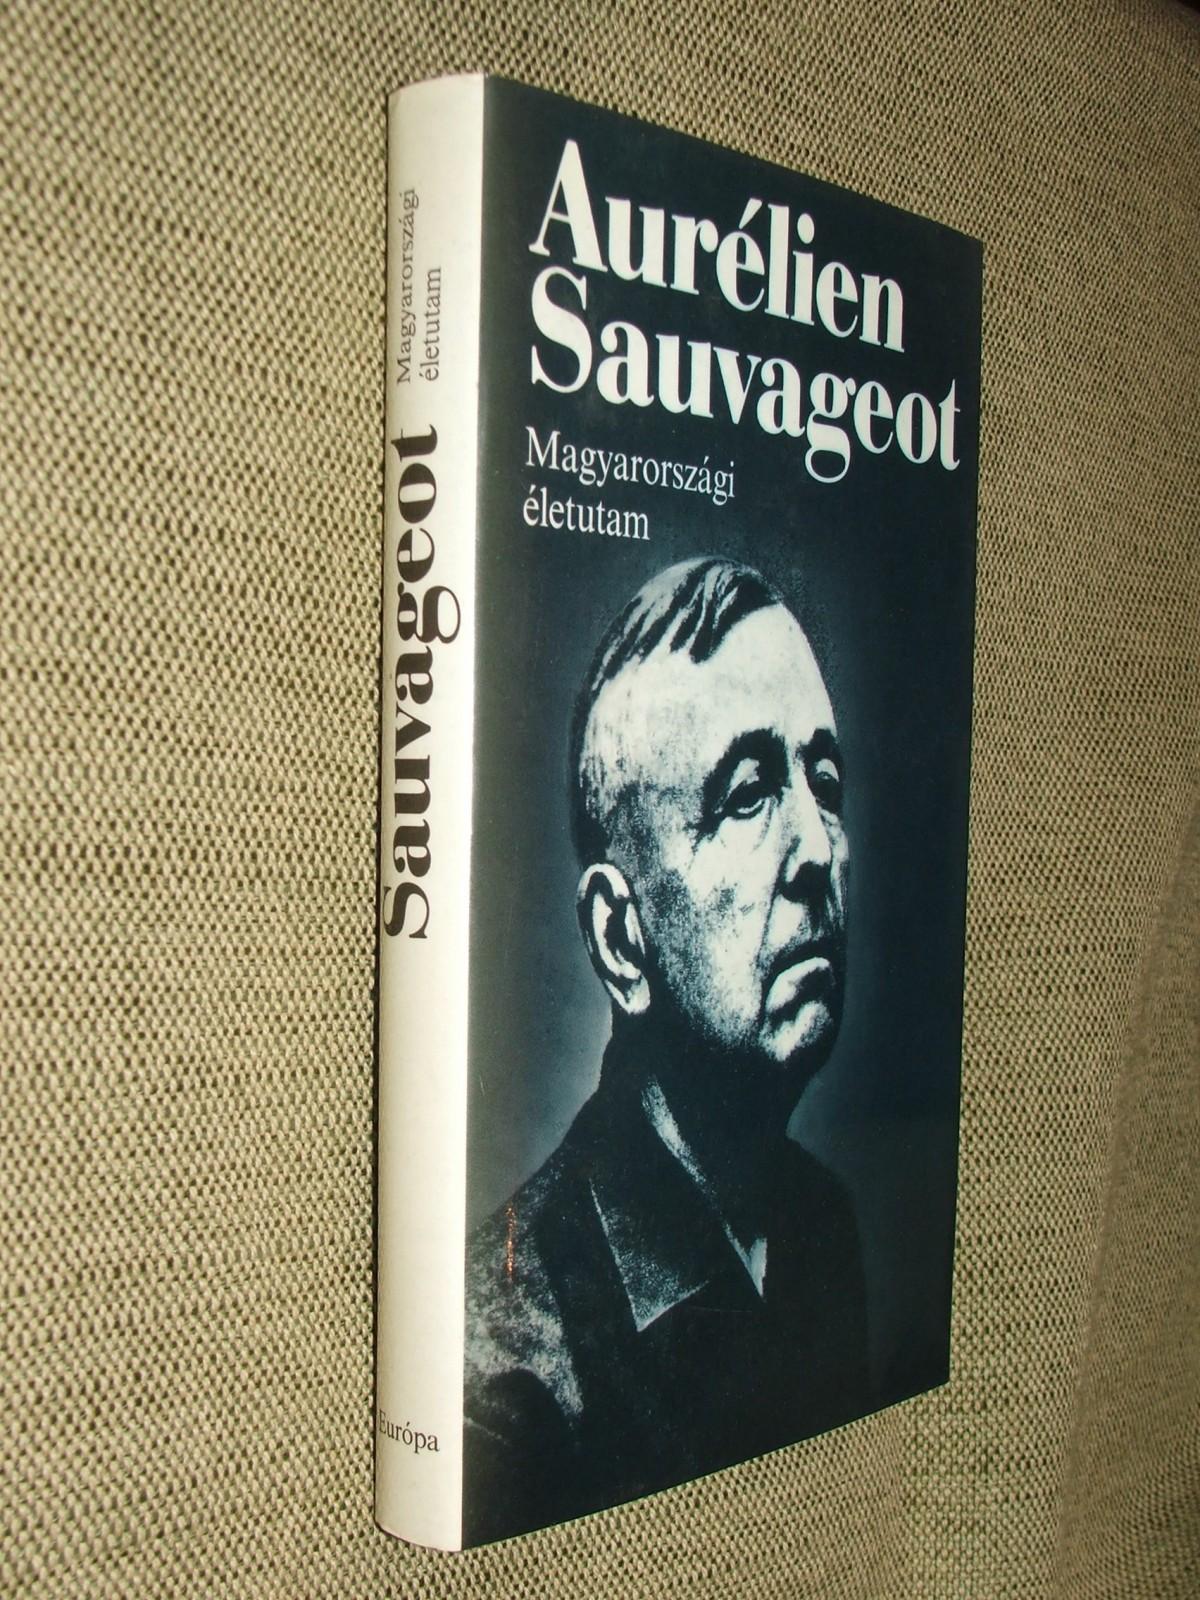 SAUVAGEOT, Aurélien: Magyarországi életutam